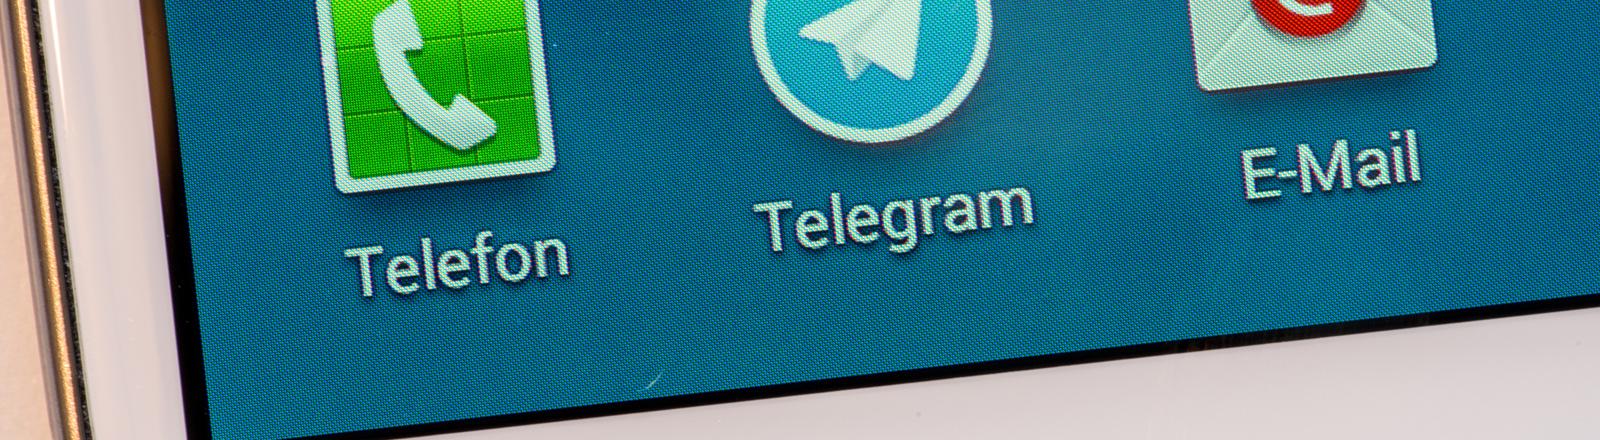 Das Logo von dem Kurznachrichtendienst Telegram neben denen für Telefon und E-Mail, aufgenommen am 25.02.2014 auf dem Display eines Smartphones in Straubing (Bayern).